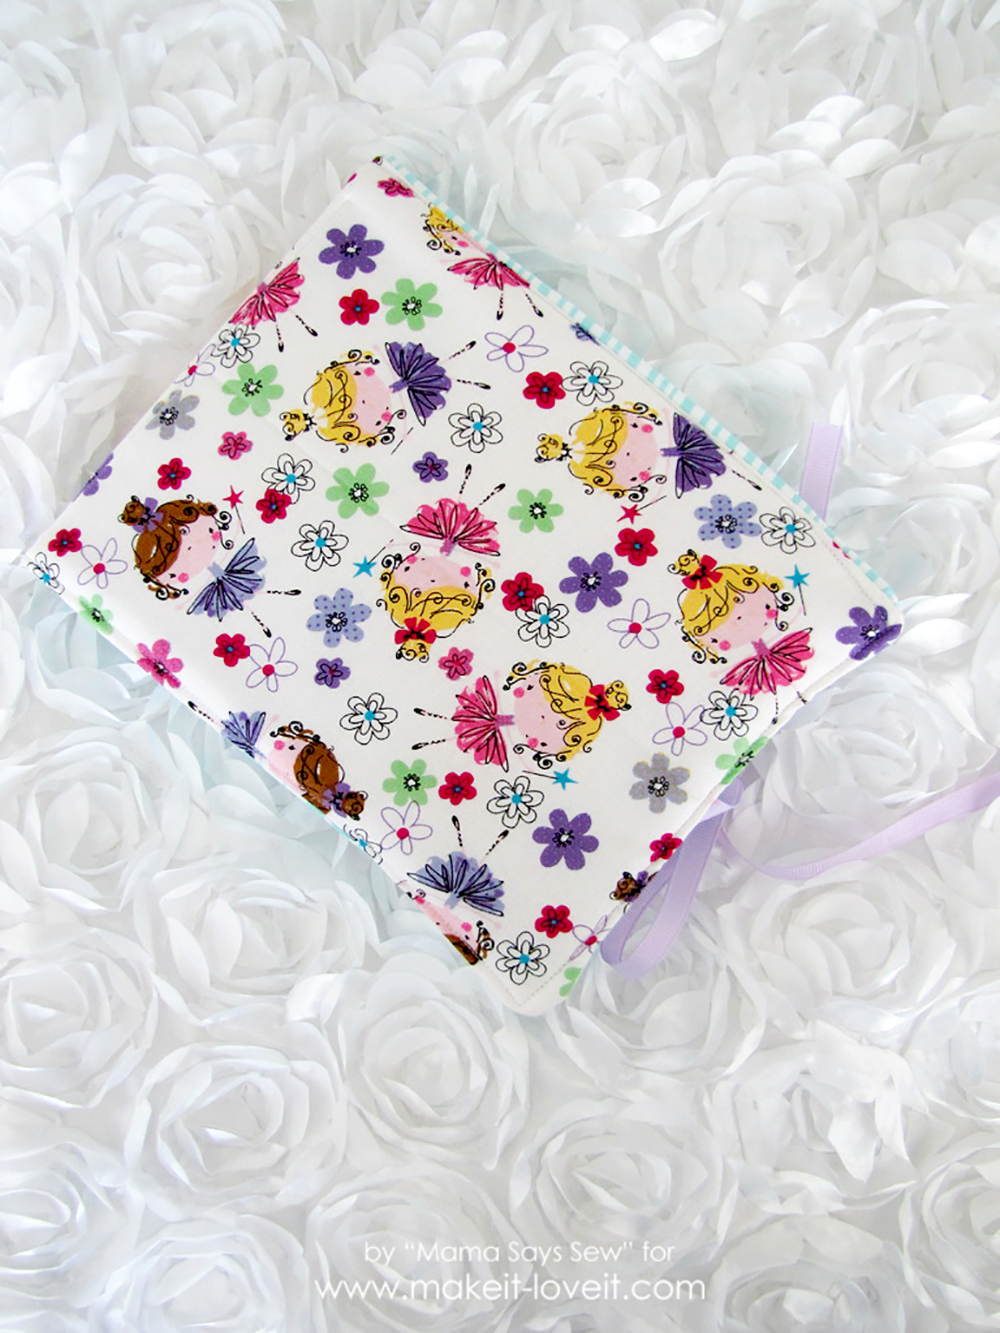 DIY Fabric Photo Album for Baby | via www.makeit-loveit.com